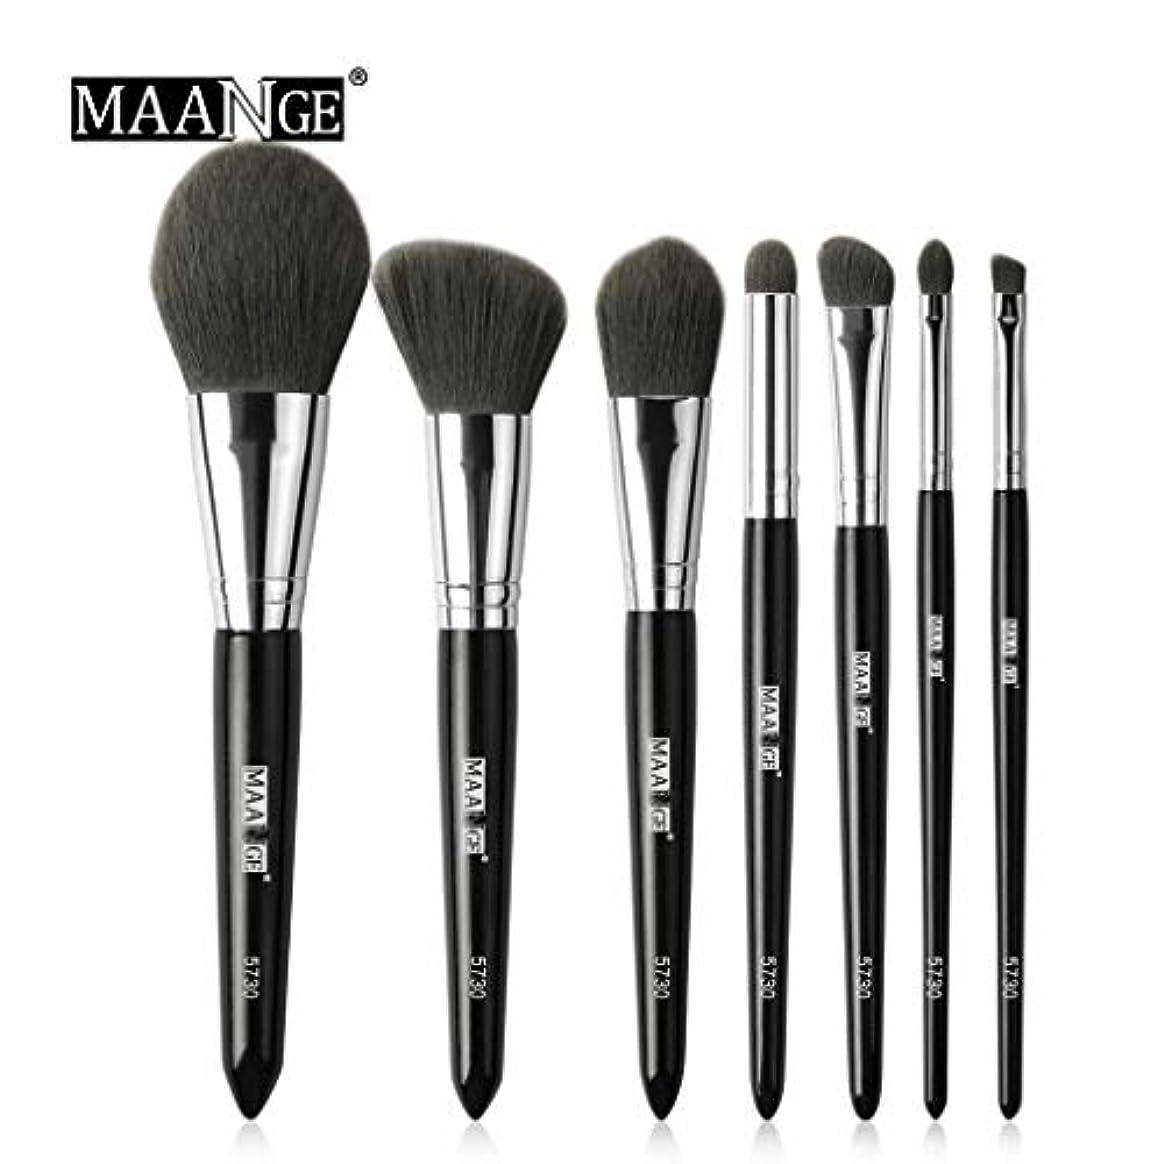 ビットキリマンジャロ予防接種するAkane 7本 MAANGE プロ 高級 多機能 たっぷり 上等 魅力的 セート 高品質 おしゃれ 柔らかい 激安 日常 仕事 Makeup Brush メイクアップブラシ MAG5730